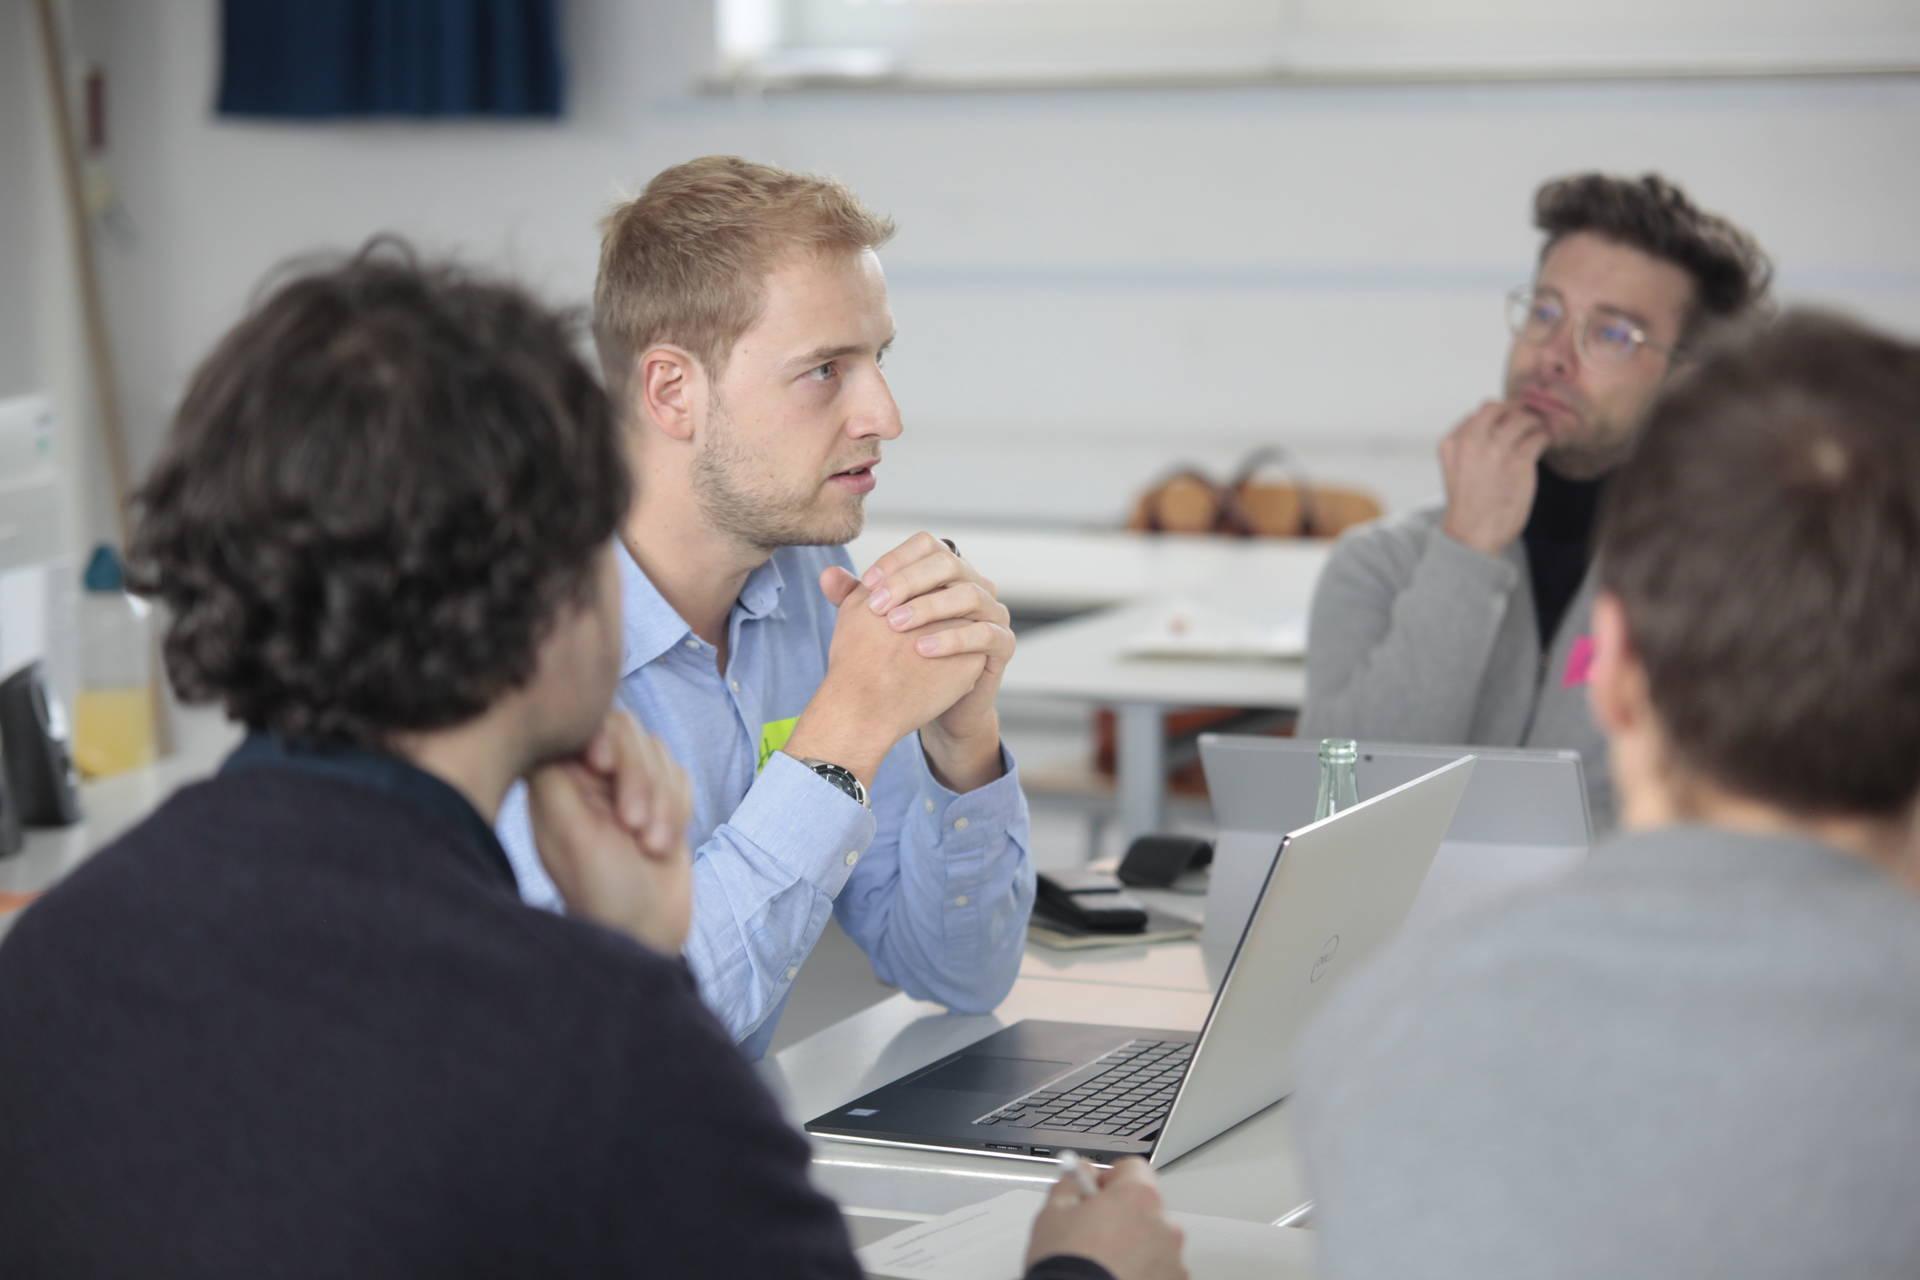 Hannes hat mit vielen Lehrkräften auf dem Pilotschultreffen gesprochen. Das Feedback fließt jetzt direkt in den Entwicklungsprozess der HPI Schul-Cloud ein.